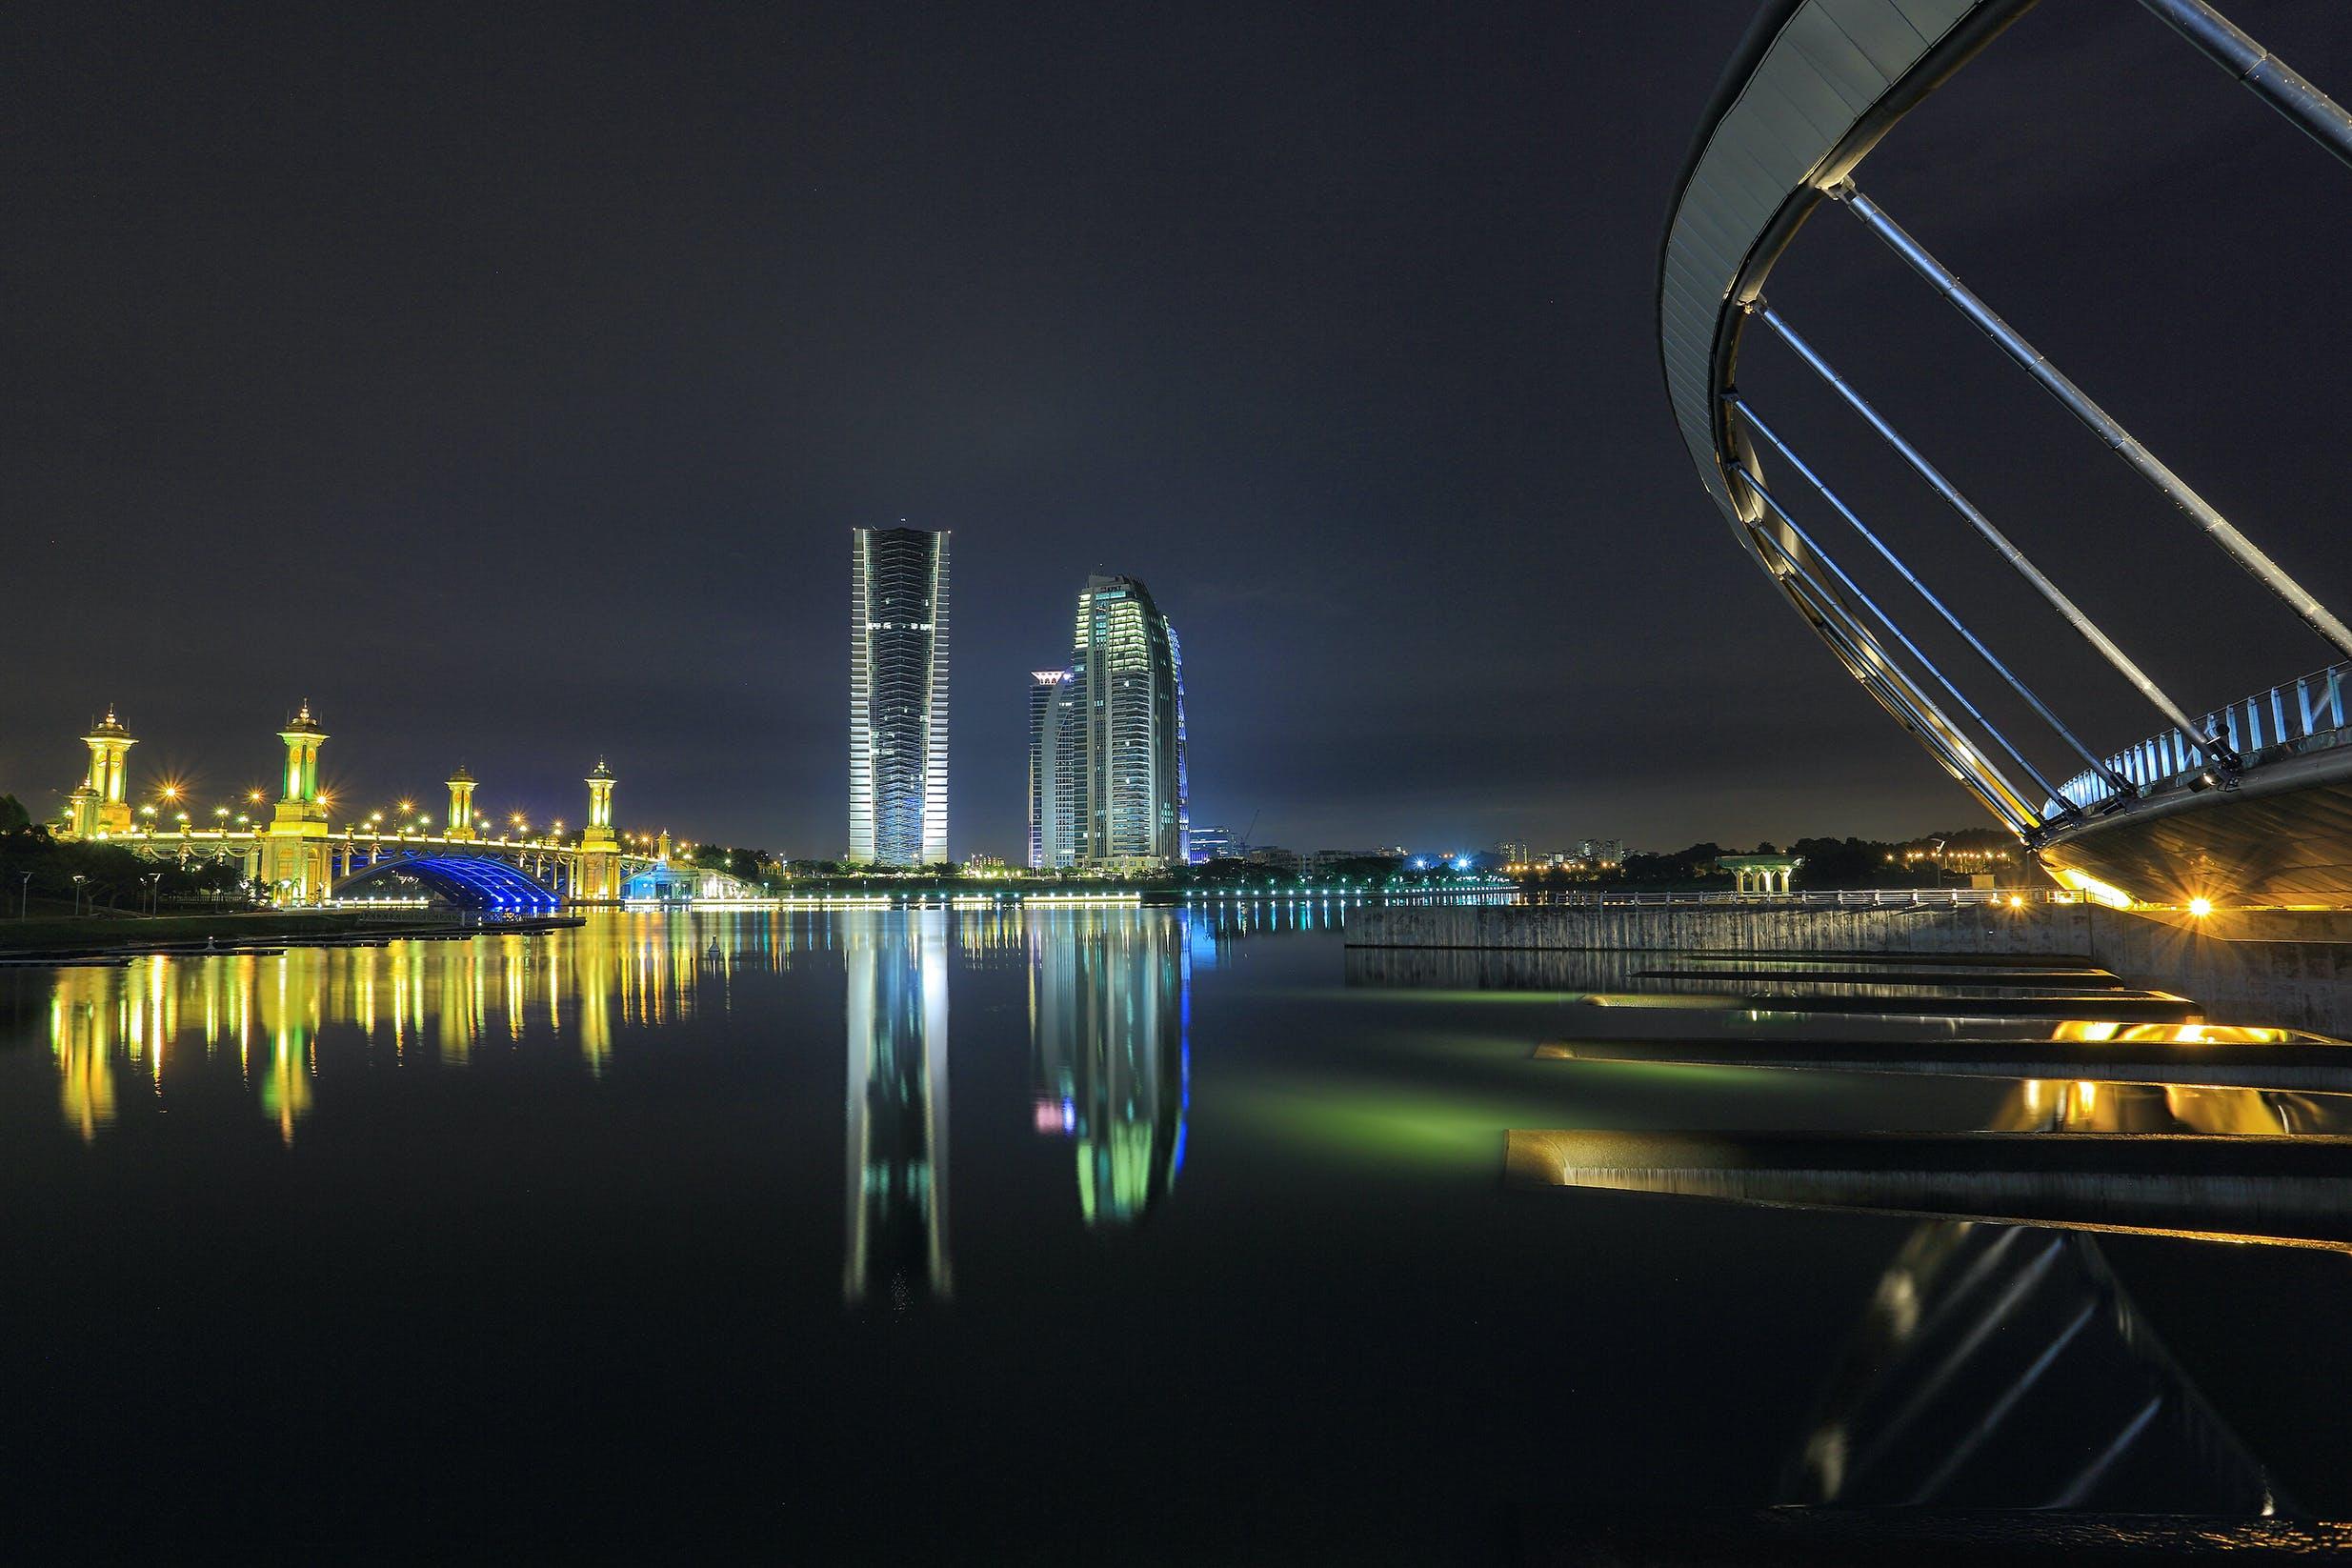 反射, 城市, 天際線, 市中心 的 免費圖庫相片